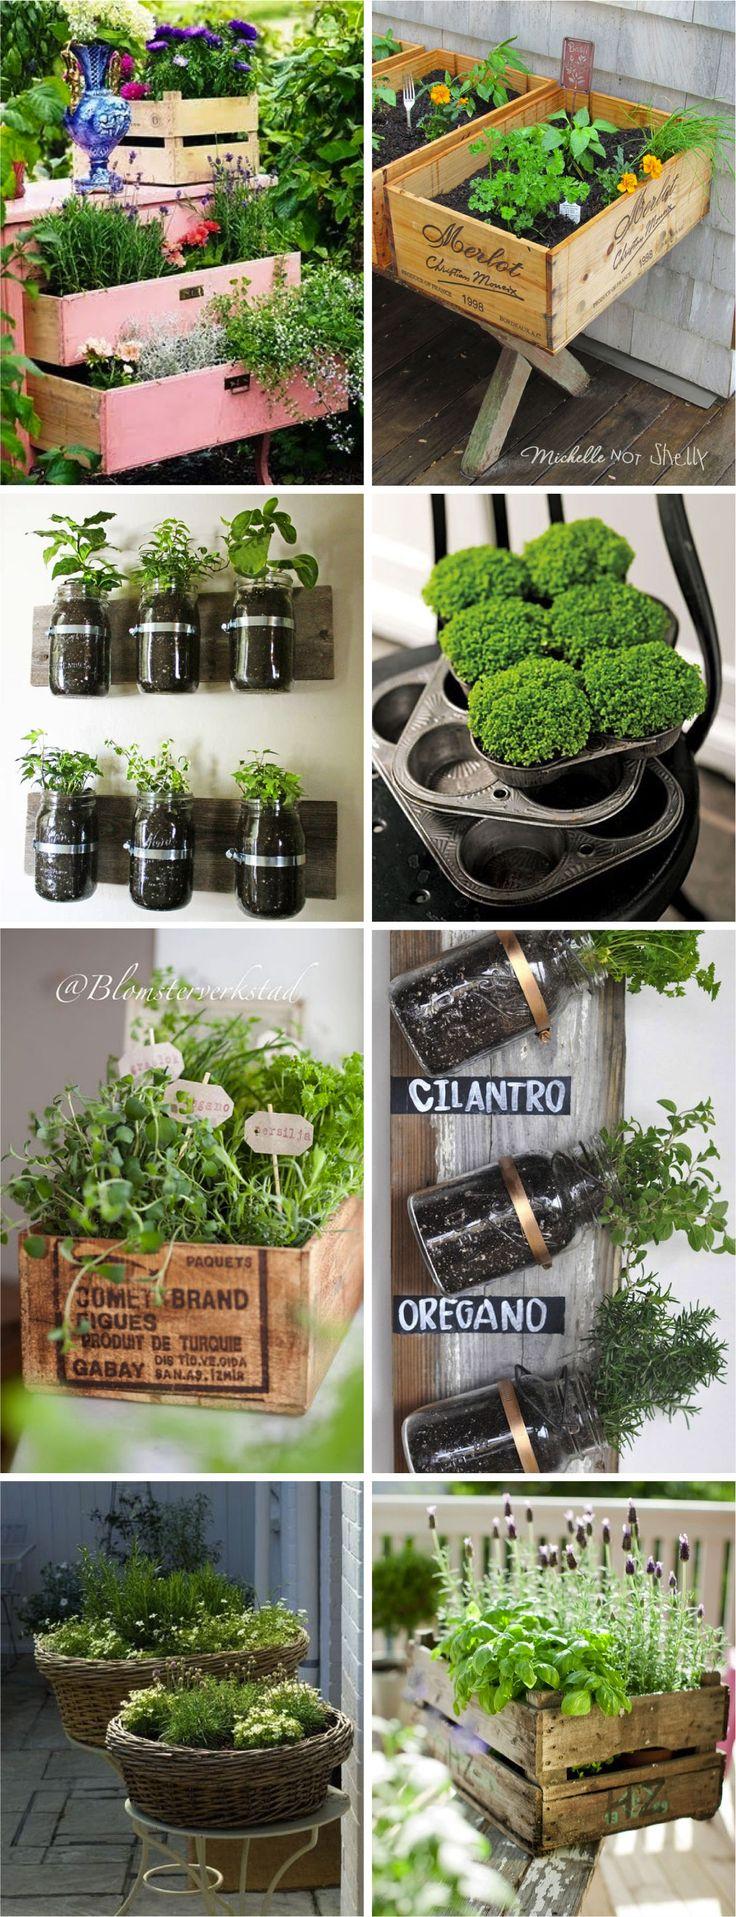 Acho muito fofo ter uma hortinha em casa, mas quem disse que precisamos de espaço? Olha quanta idéia fofa pra você plantar uma ervinha que seja num cantinho qualquer?! Da fôrma de cupcake a caixa de vinho, quem diria?!